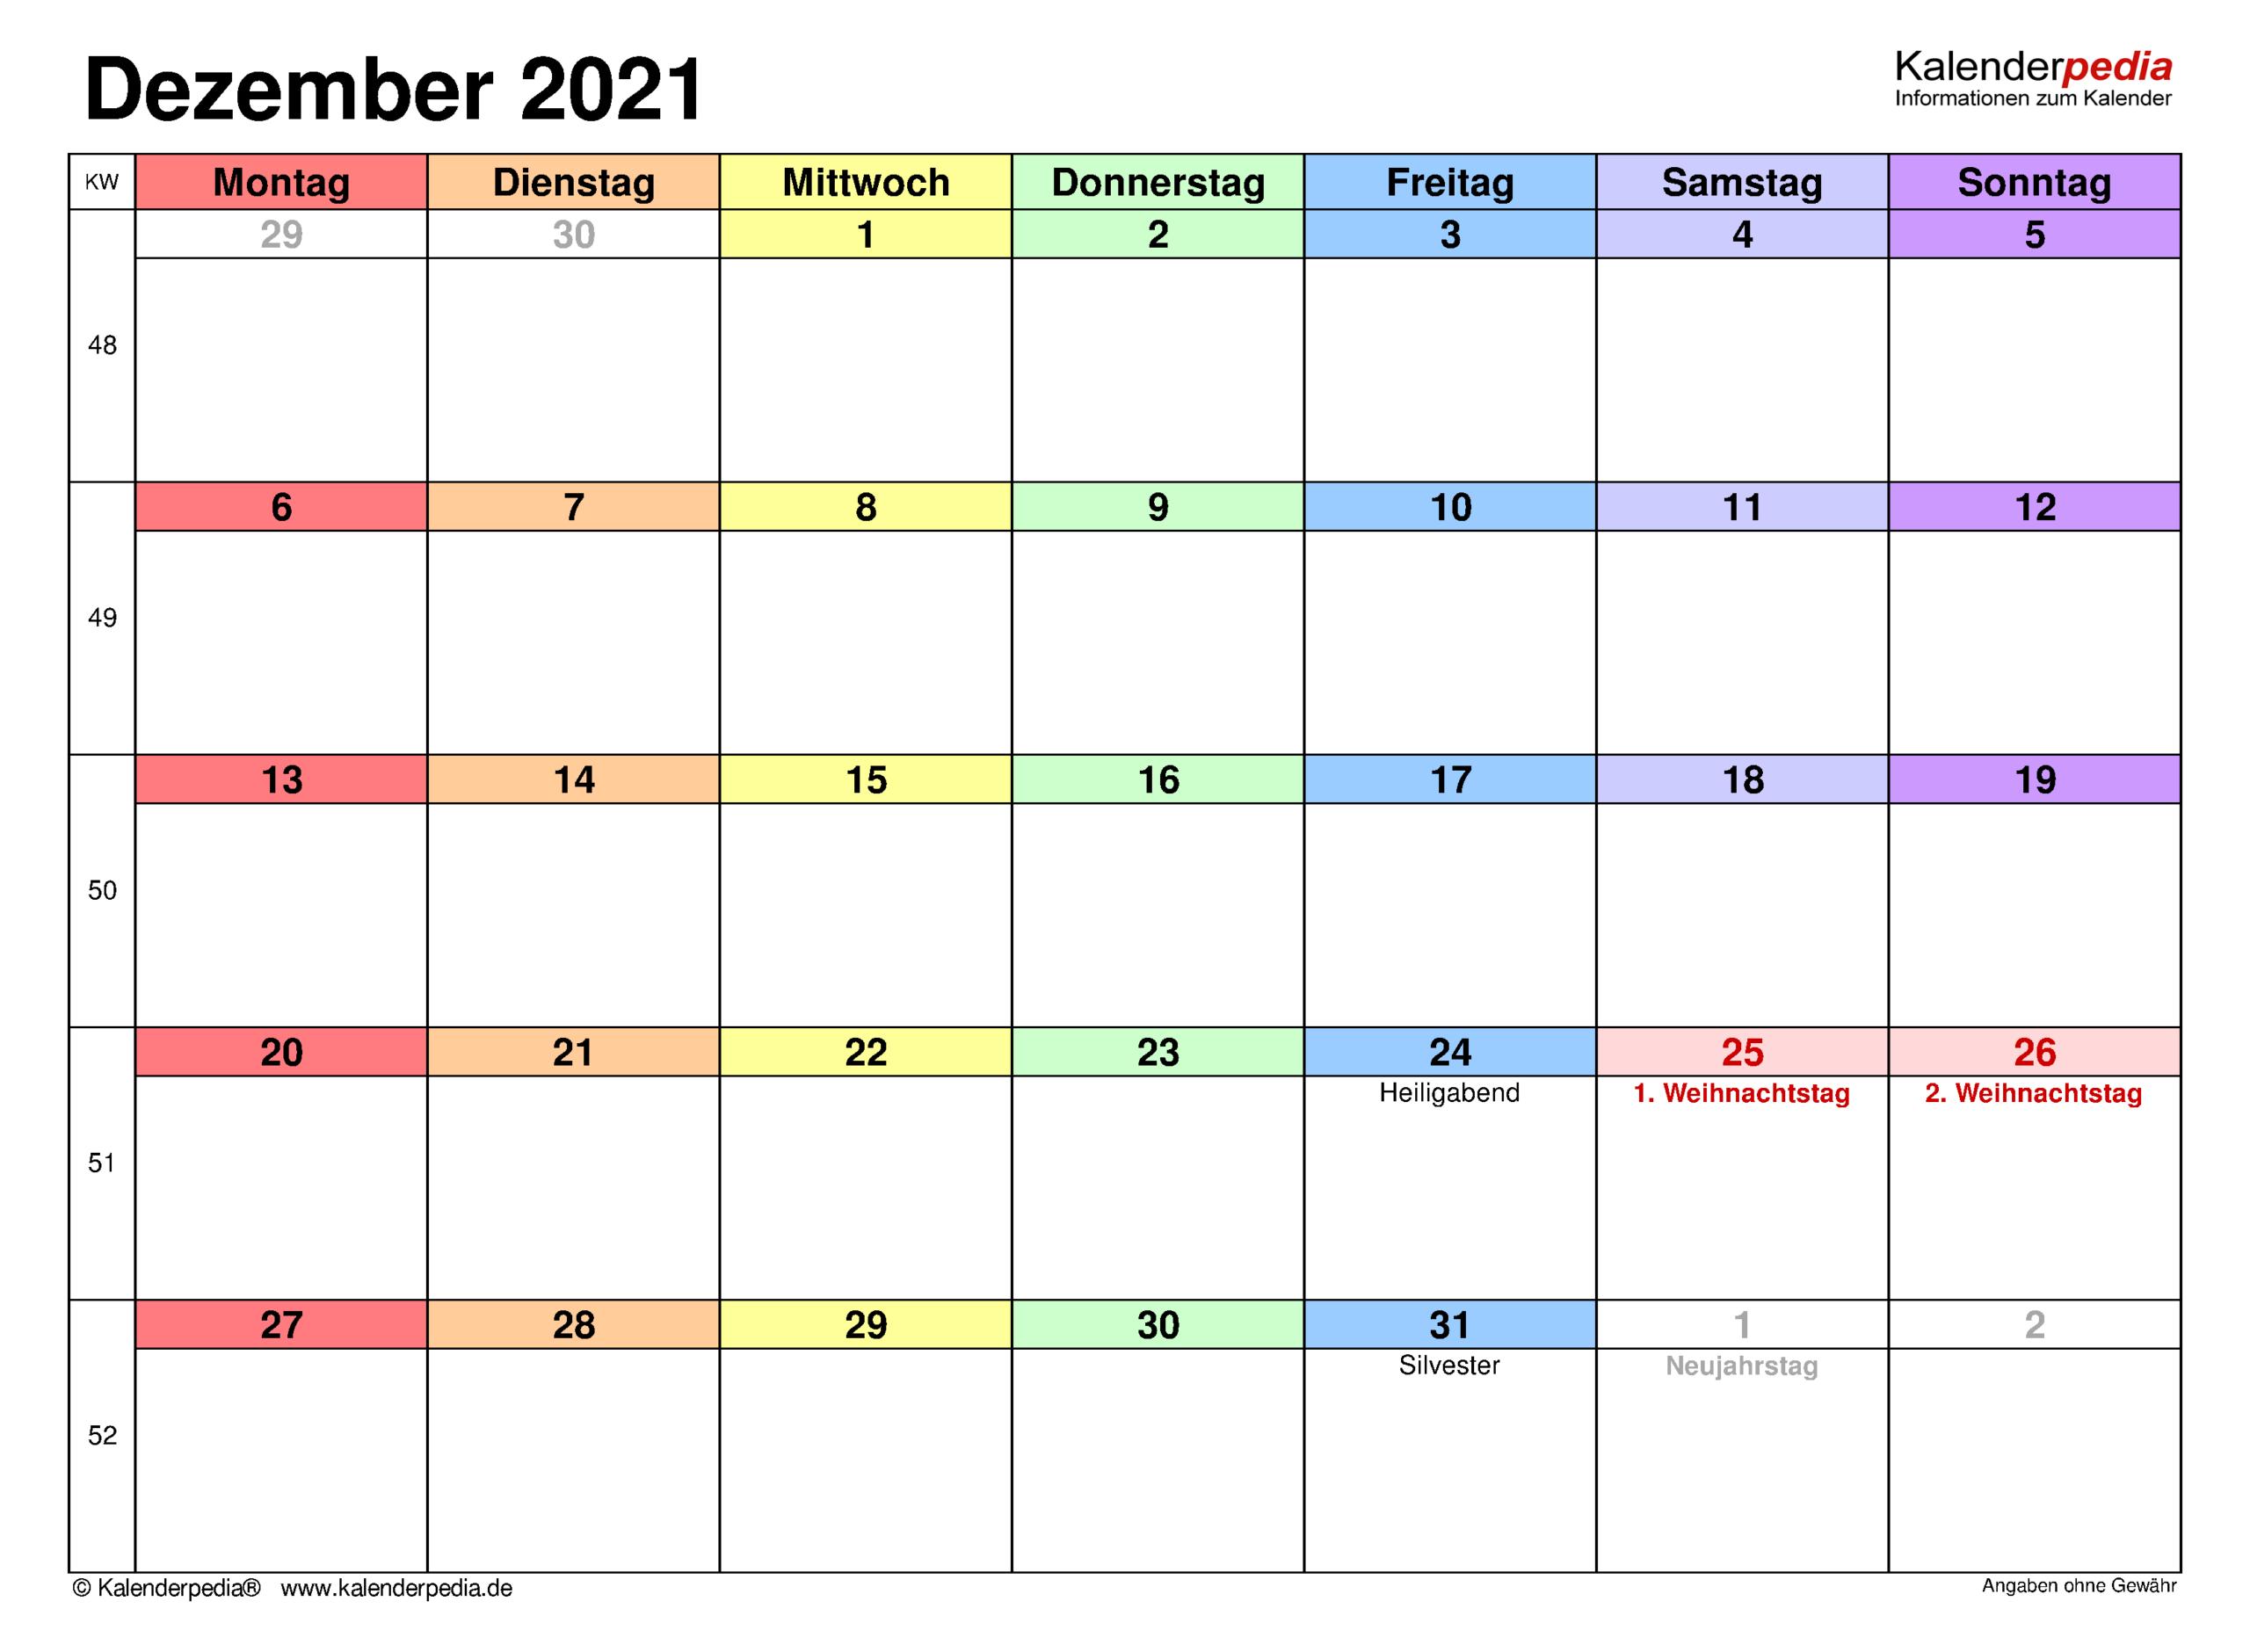 Kalender Dezember 2021 Als Pdf-Vorlagen